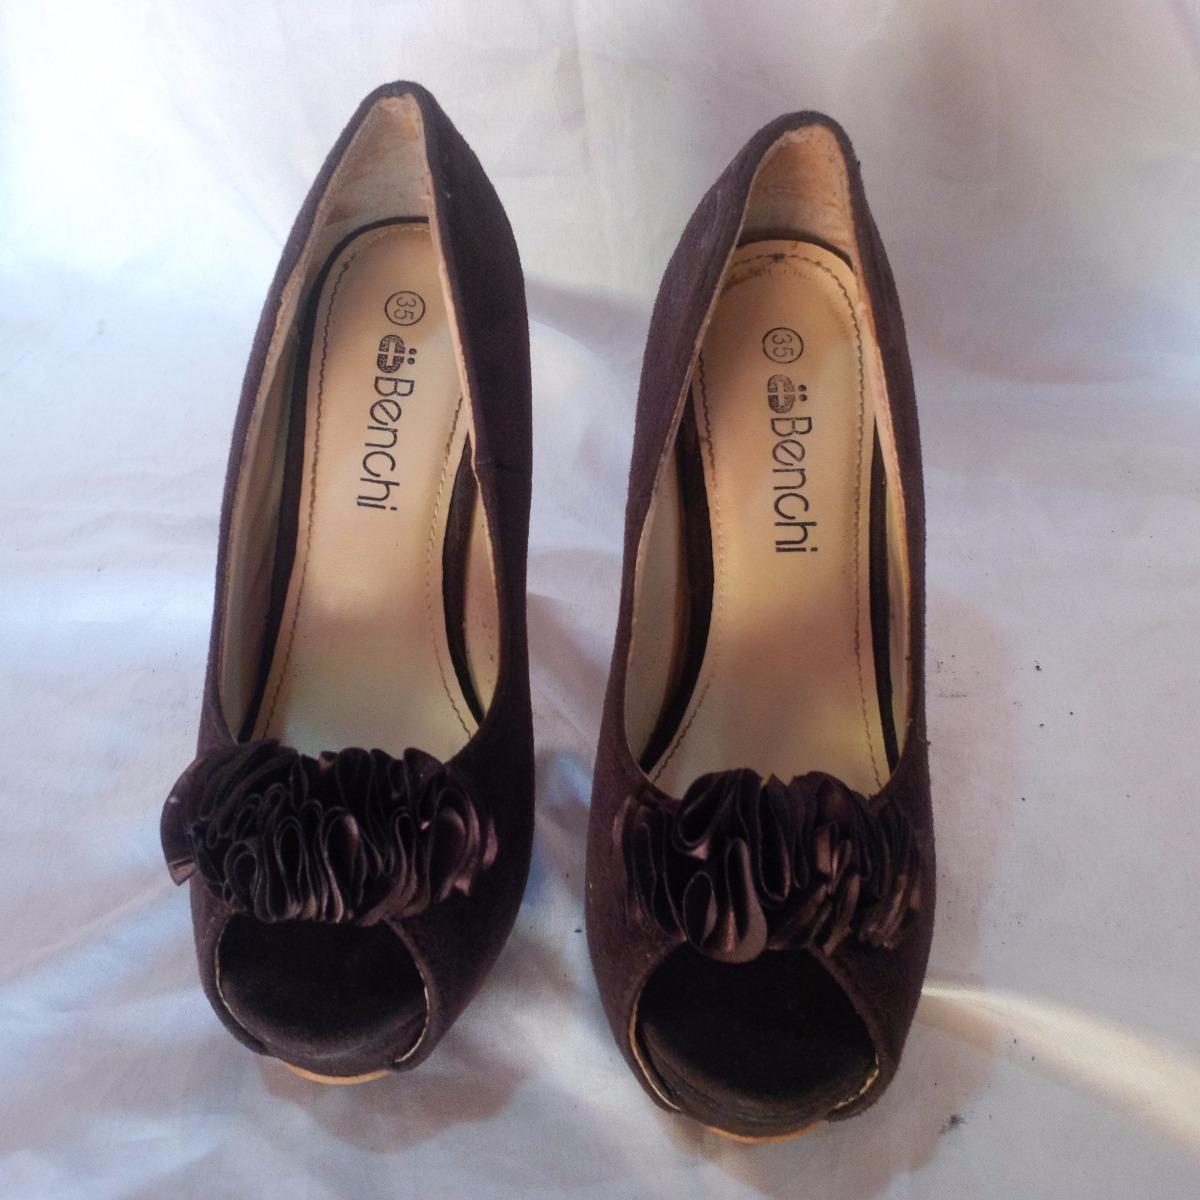 d287bf949a7c9 zapatos de tacon alto marron oscuro talla 35. Cargando zoom.